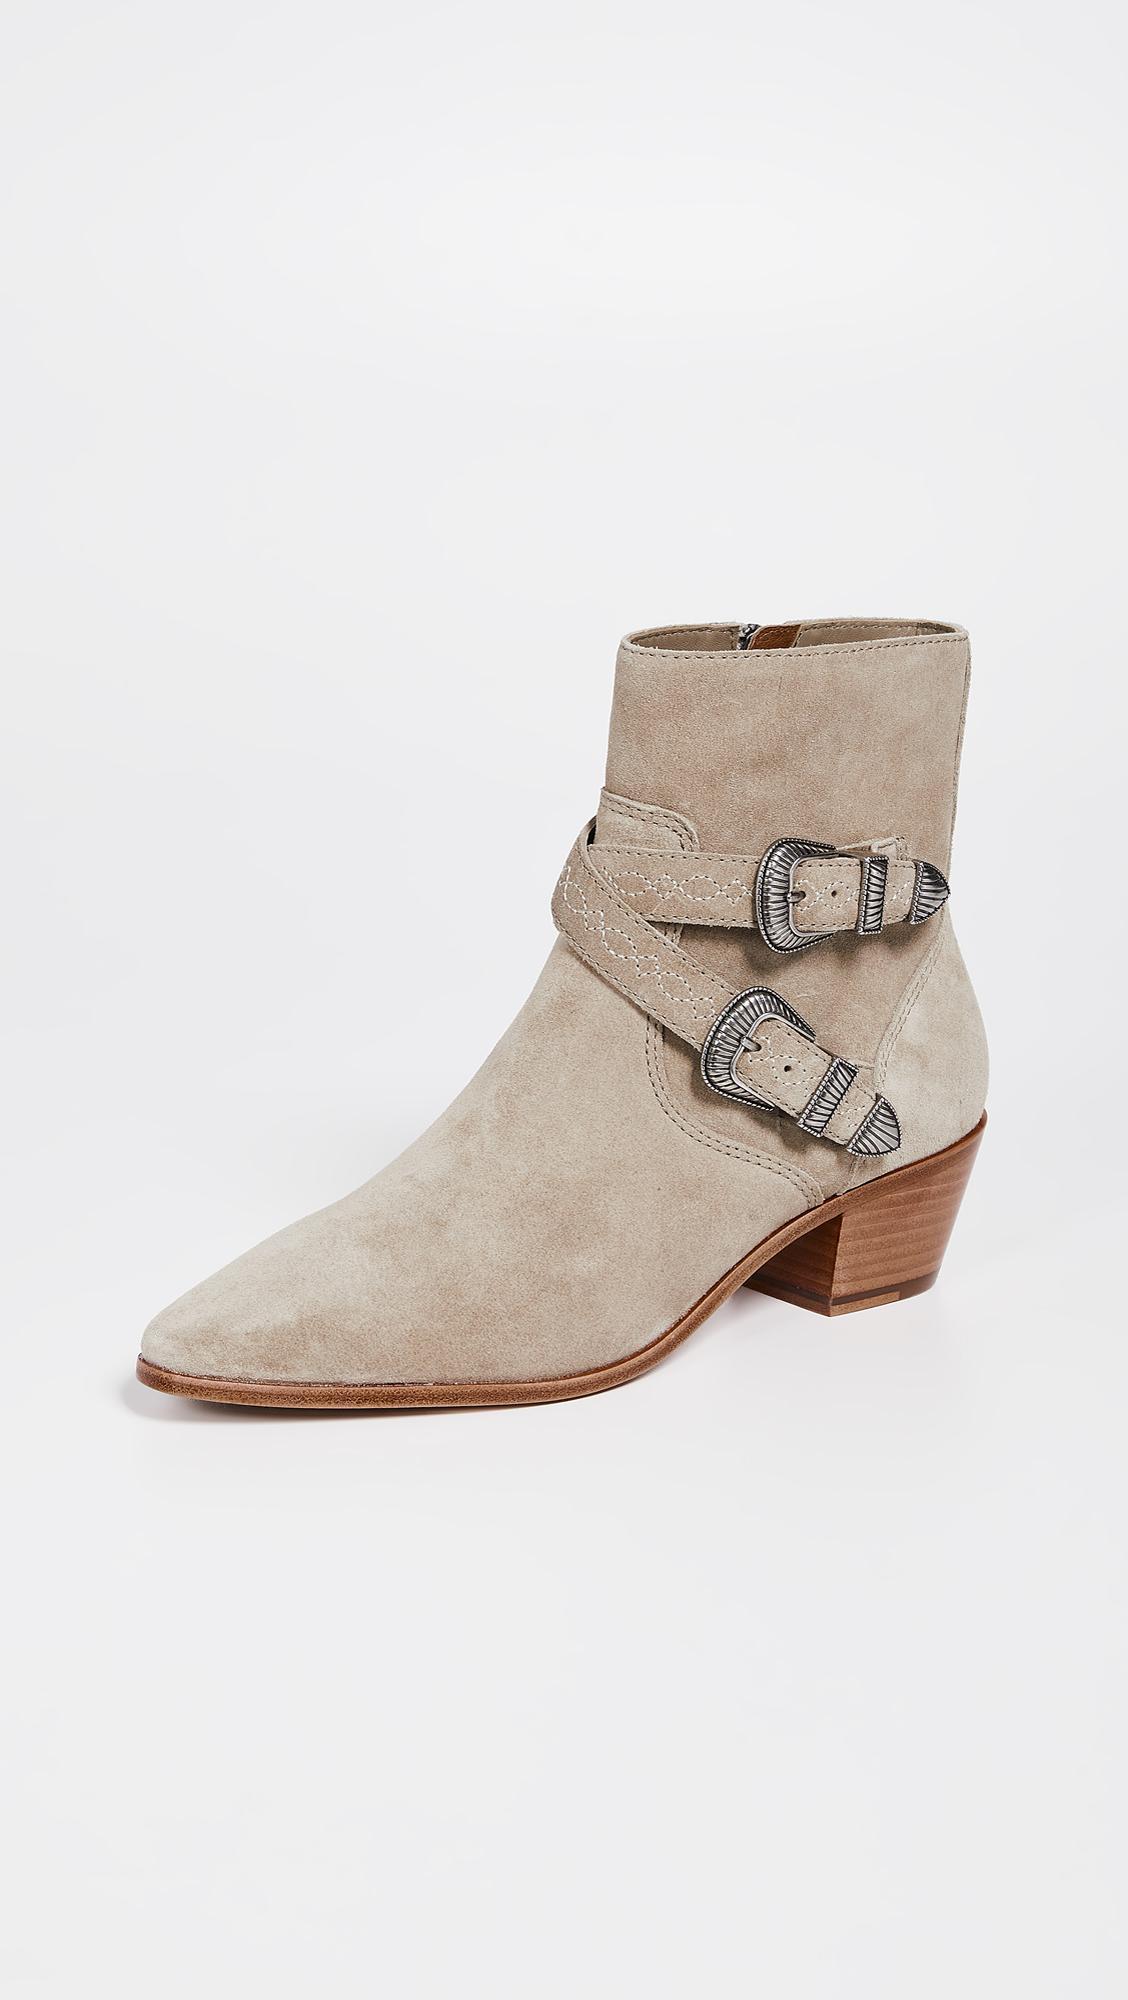 9d1d309bb4ca Frye. Women s Ellen Buckle Short Boots